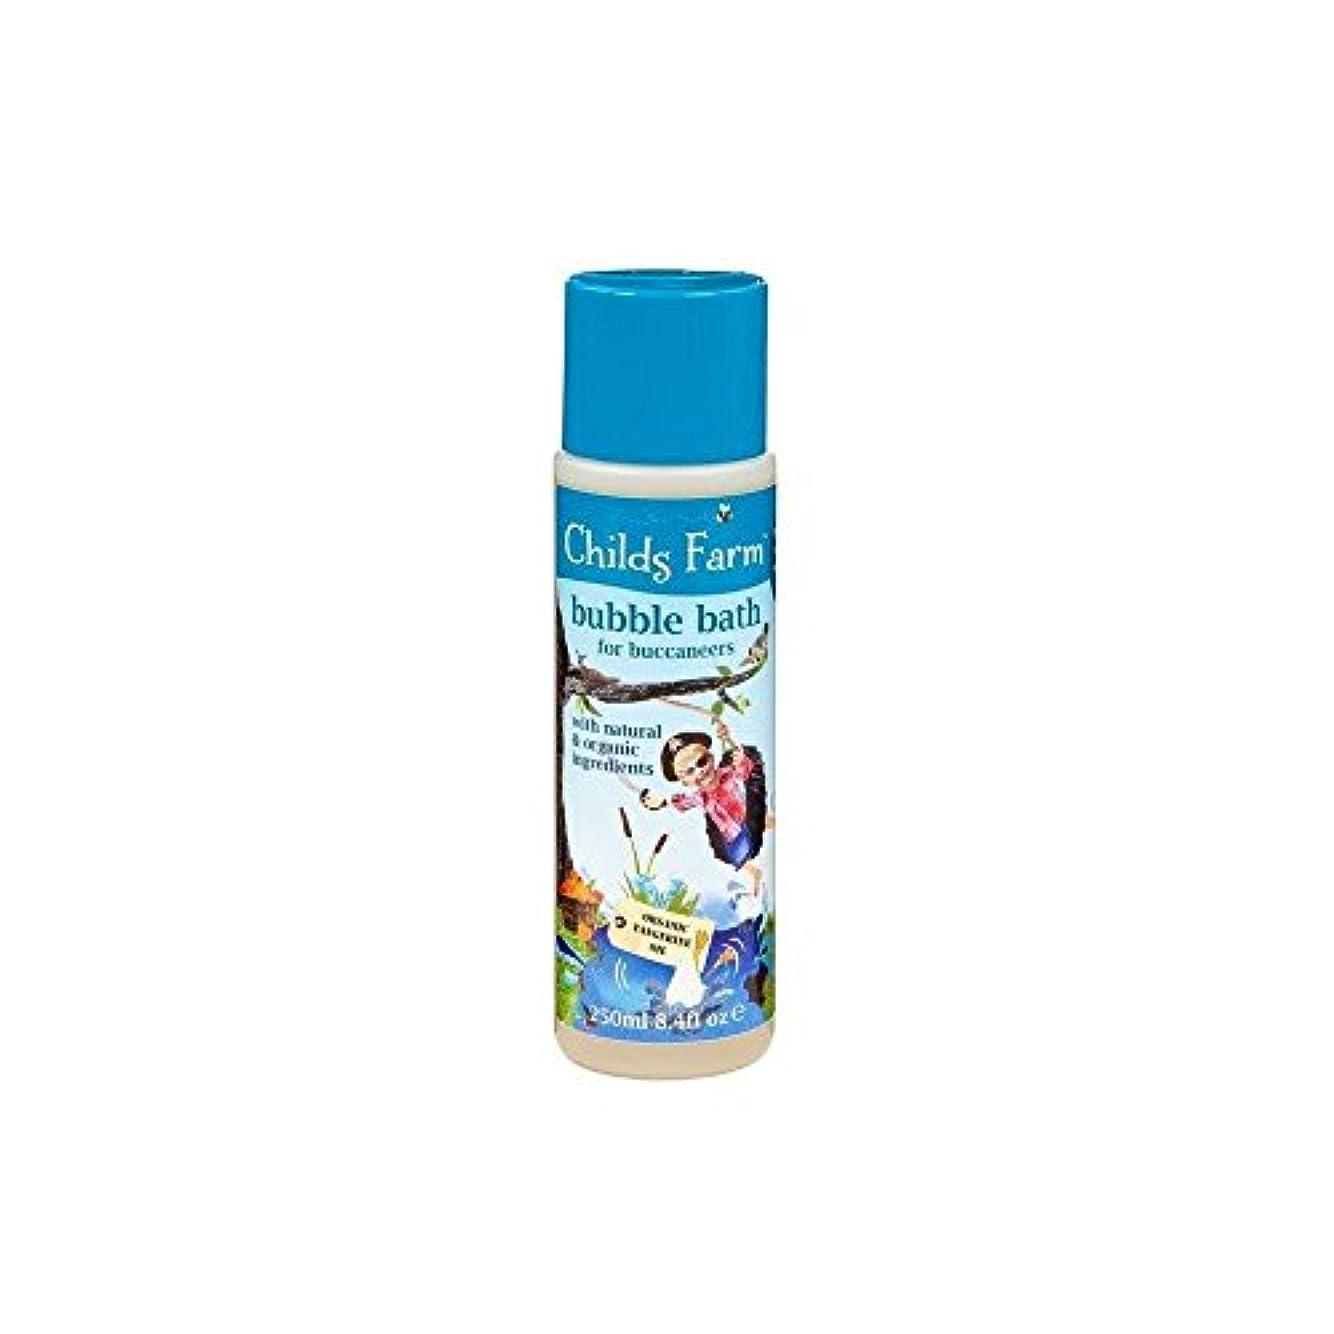 山花婿懲らしめChilds Farm Get Your Feet Wet! Bubble Bath for Bucanneers! (250ml) チャイルズファームは、あなたの足が濡れる! Bucanneersための泡風呂! ( 250...